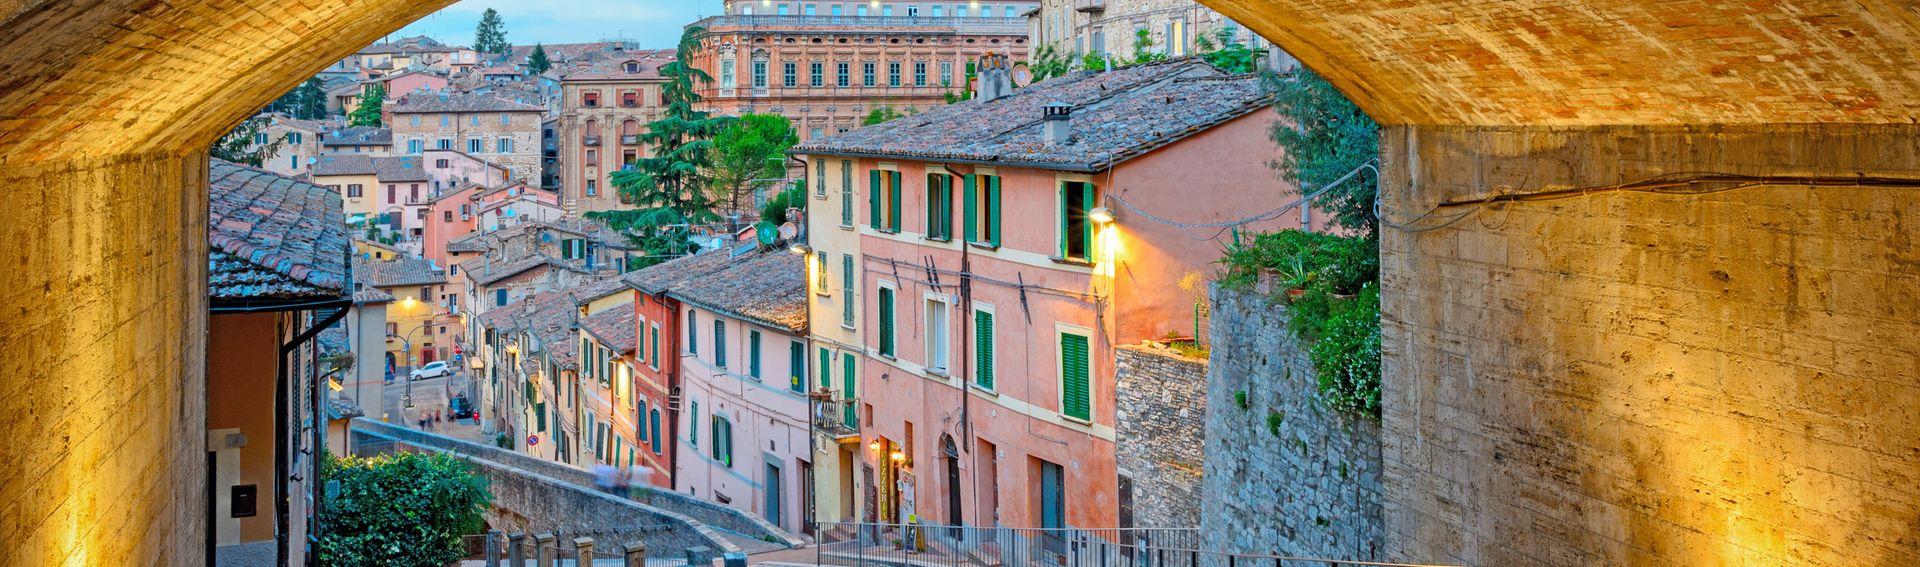 Provinz Perugia